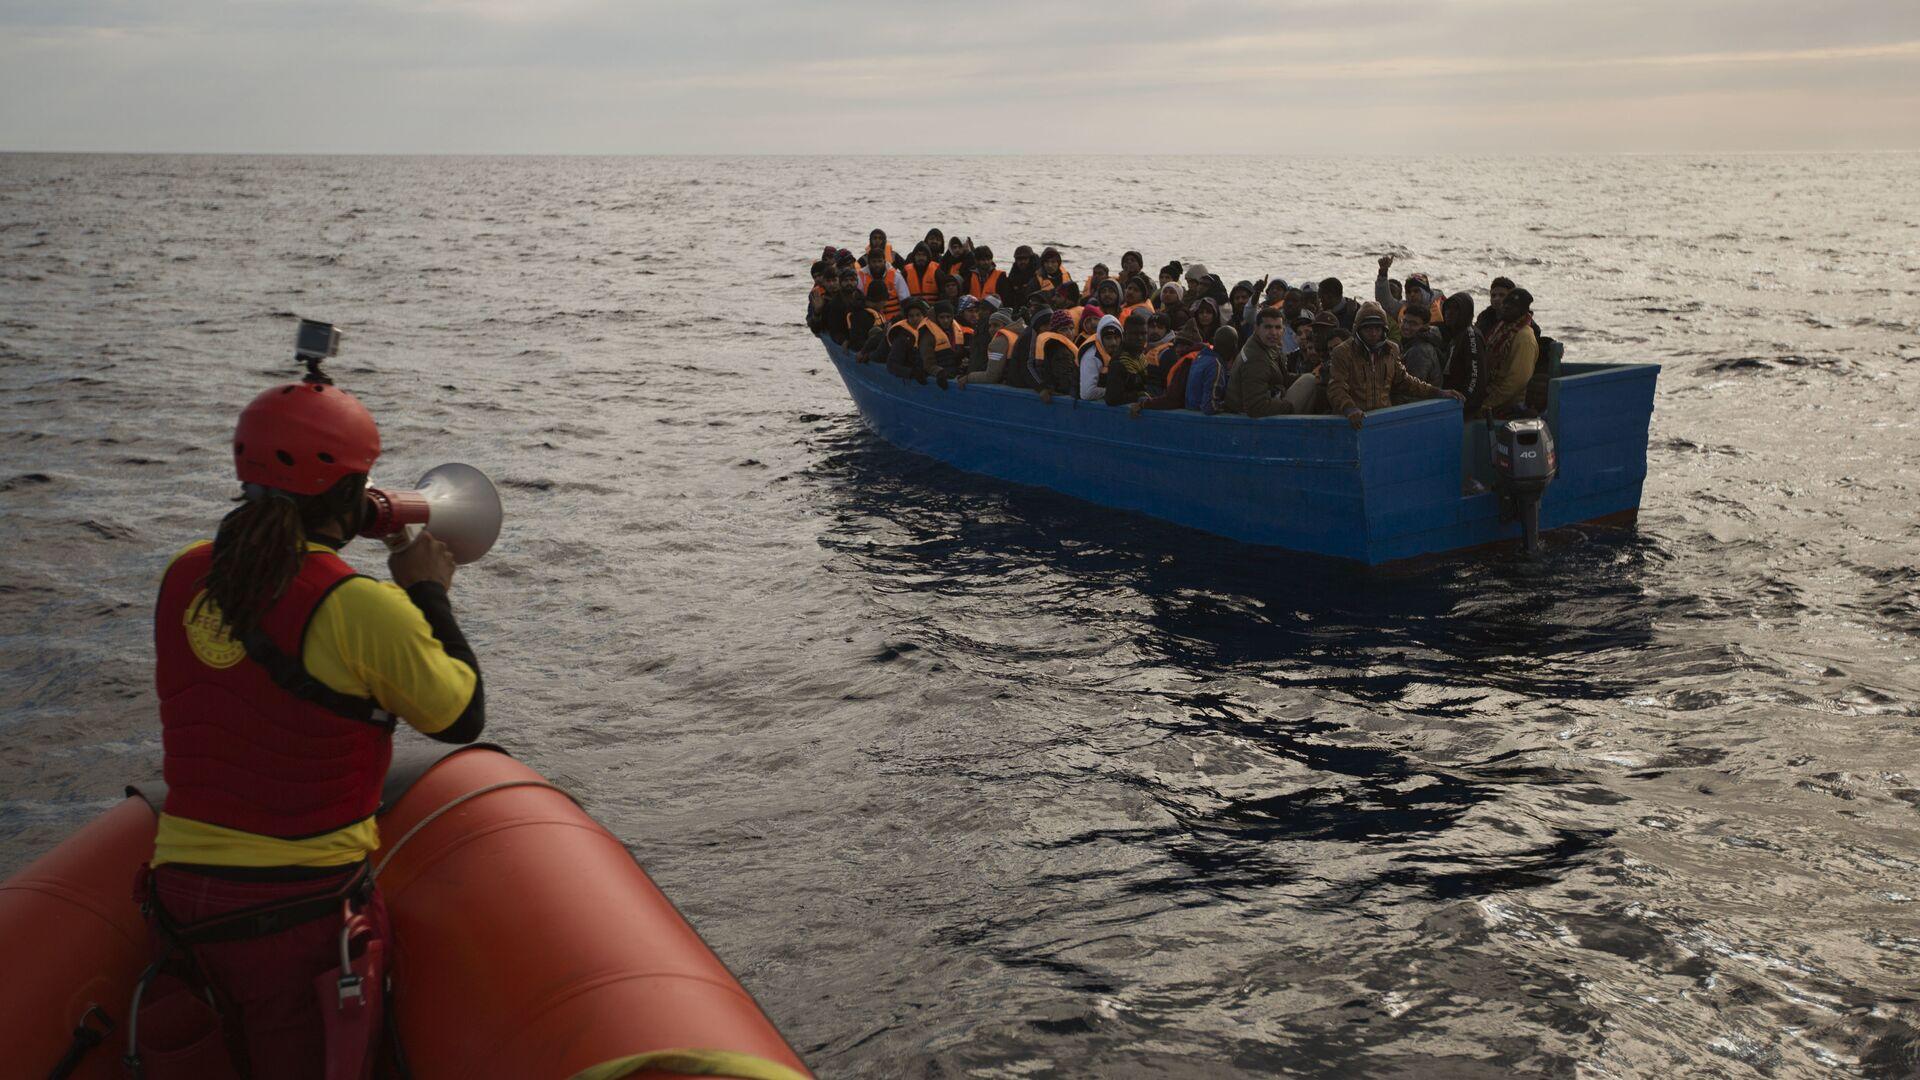 Migranti e rifugiati aiutati dai membri dell'ONG spagnola Proactiva Oper Arms nel mar Mediterraneo nei pressi di Libia (foto d'archivio) - Sputnik Italia, 1920, 24.08.2021